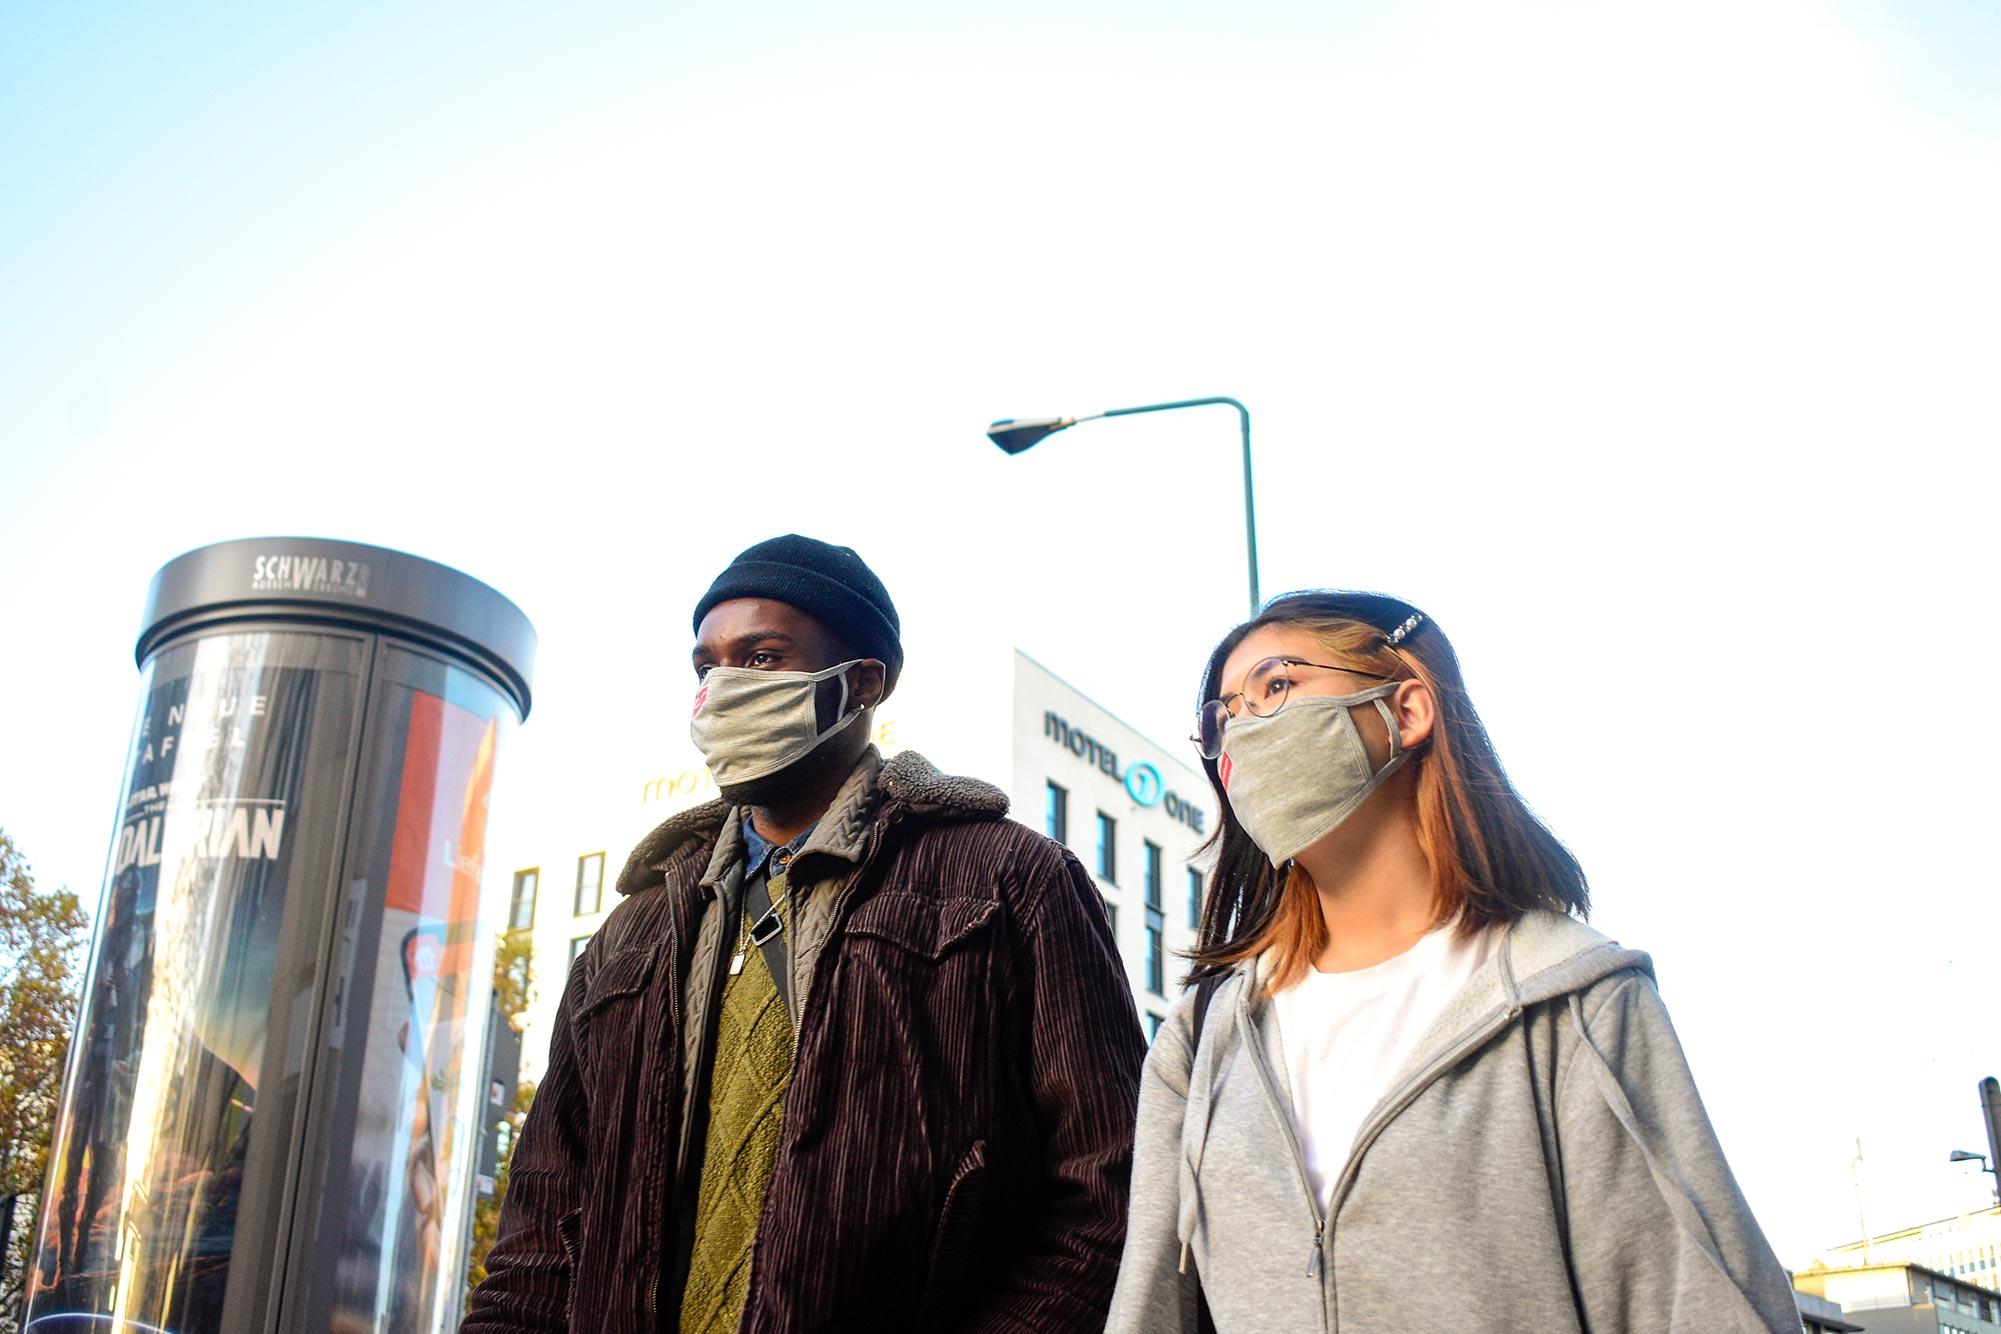 Die grauen Westfunk-Masken passen zum Freizeitlook.